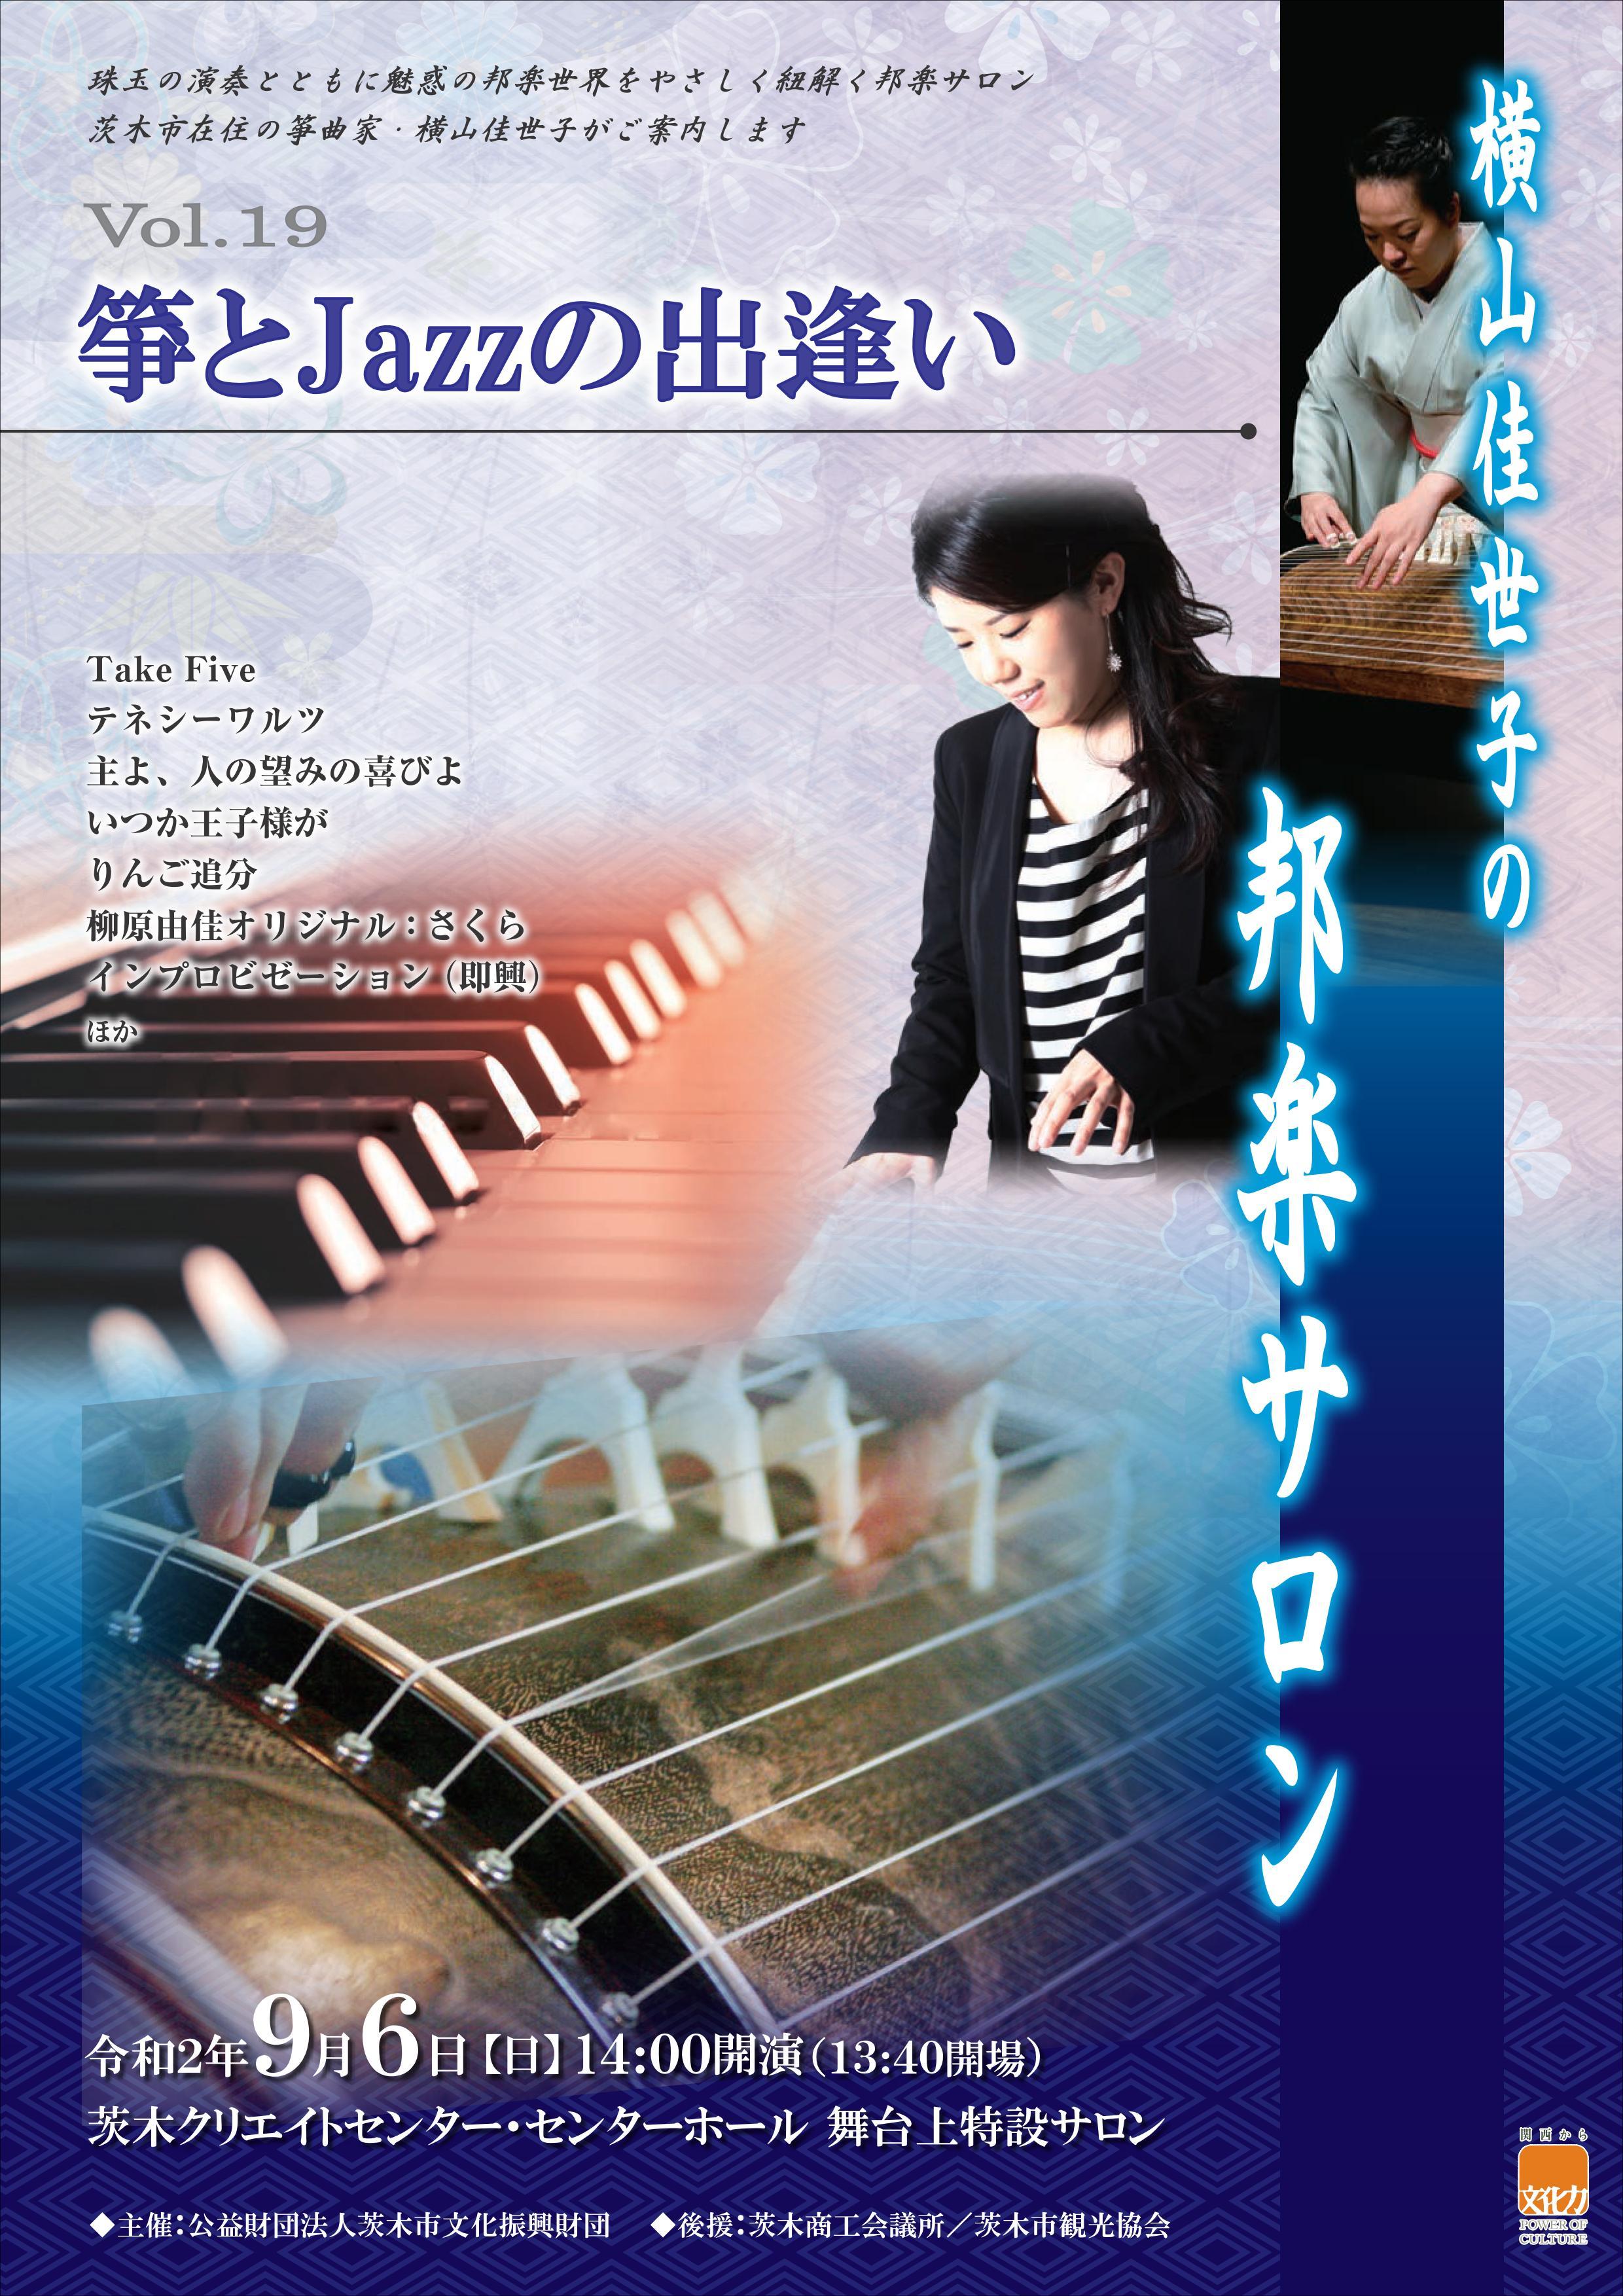 【振替公演】横山佳世子の邦楽サロンVol.19箏とJazzの出逢い